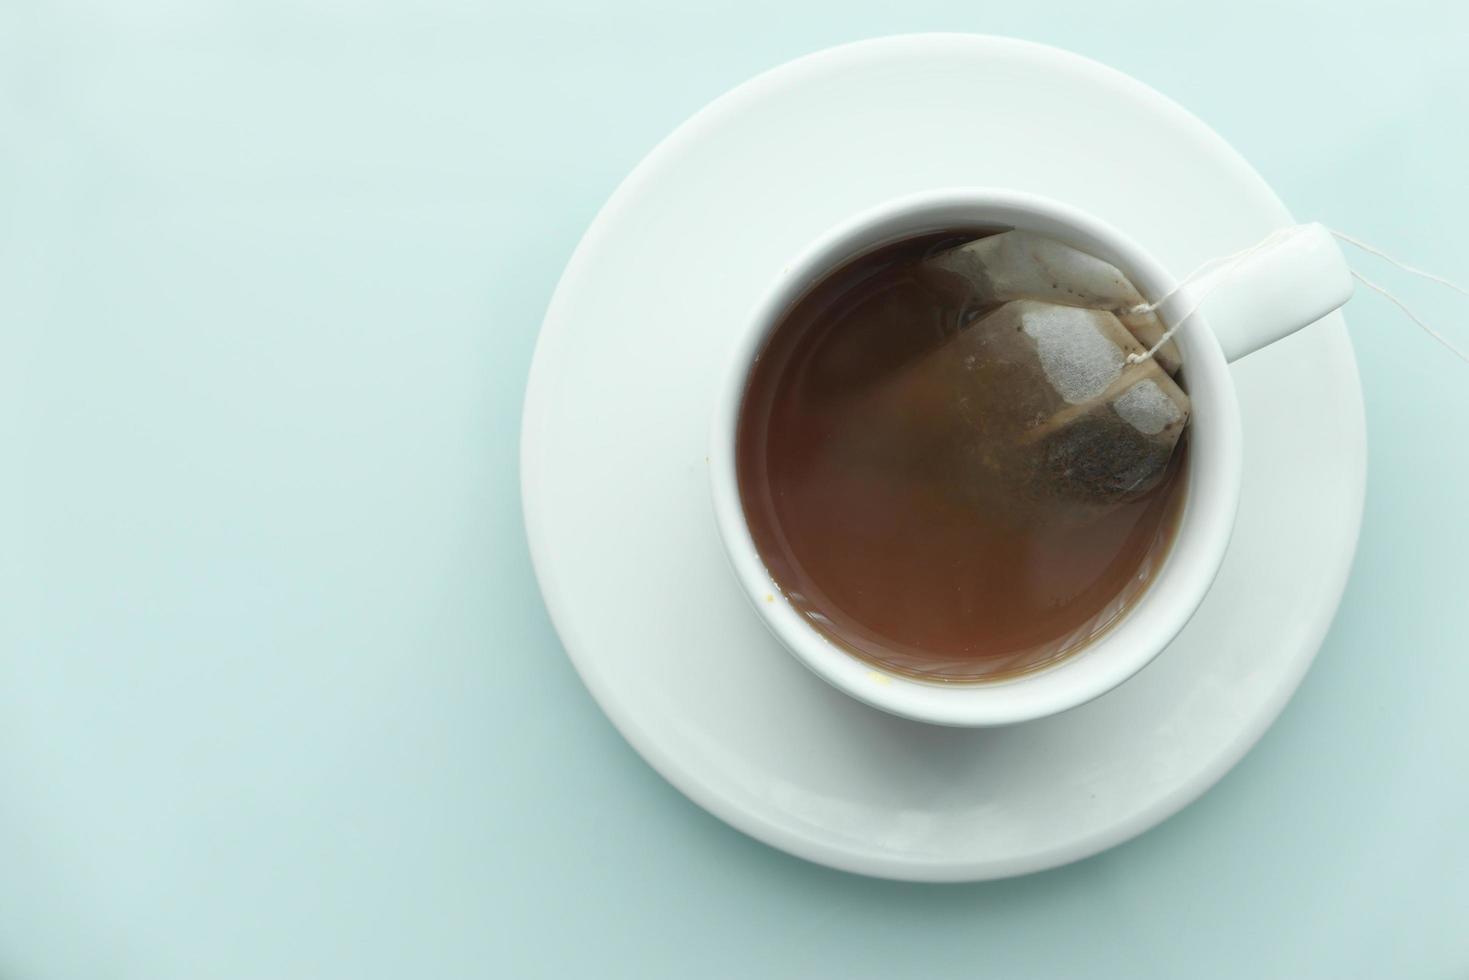 thé vert avec sachet de thé sur fond de carreaux photo